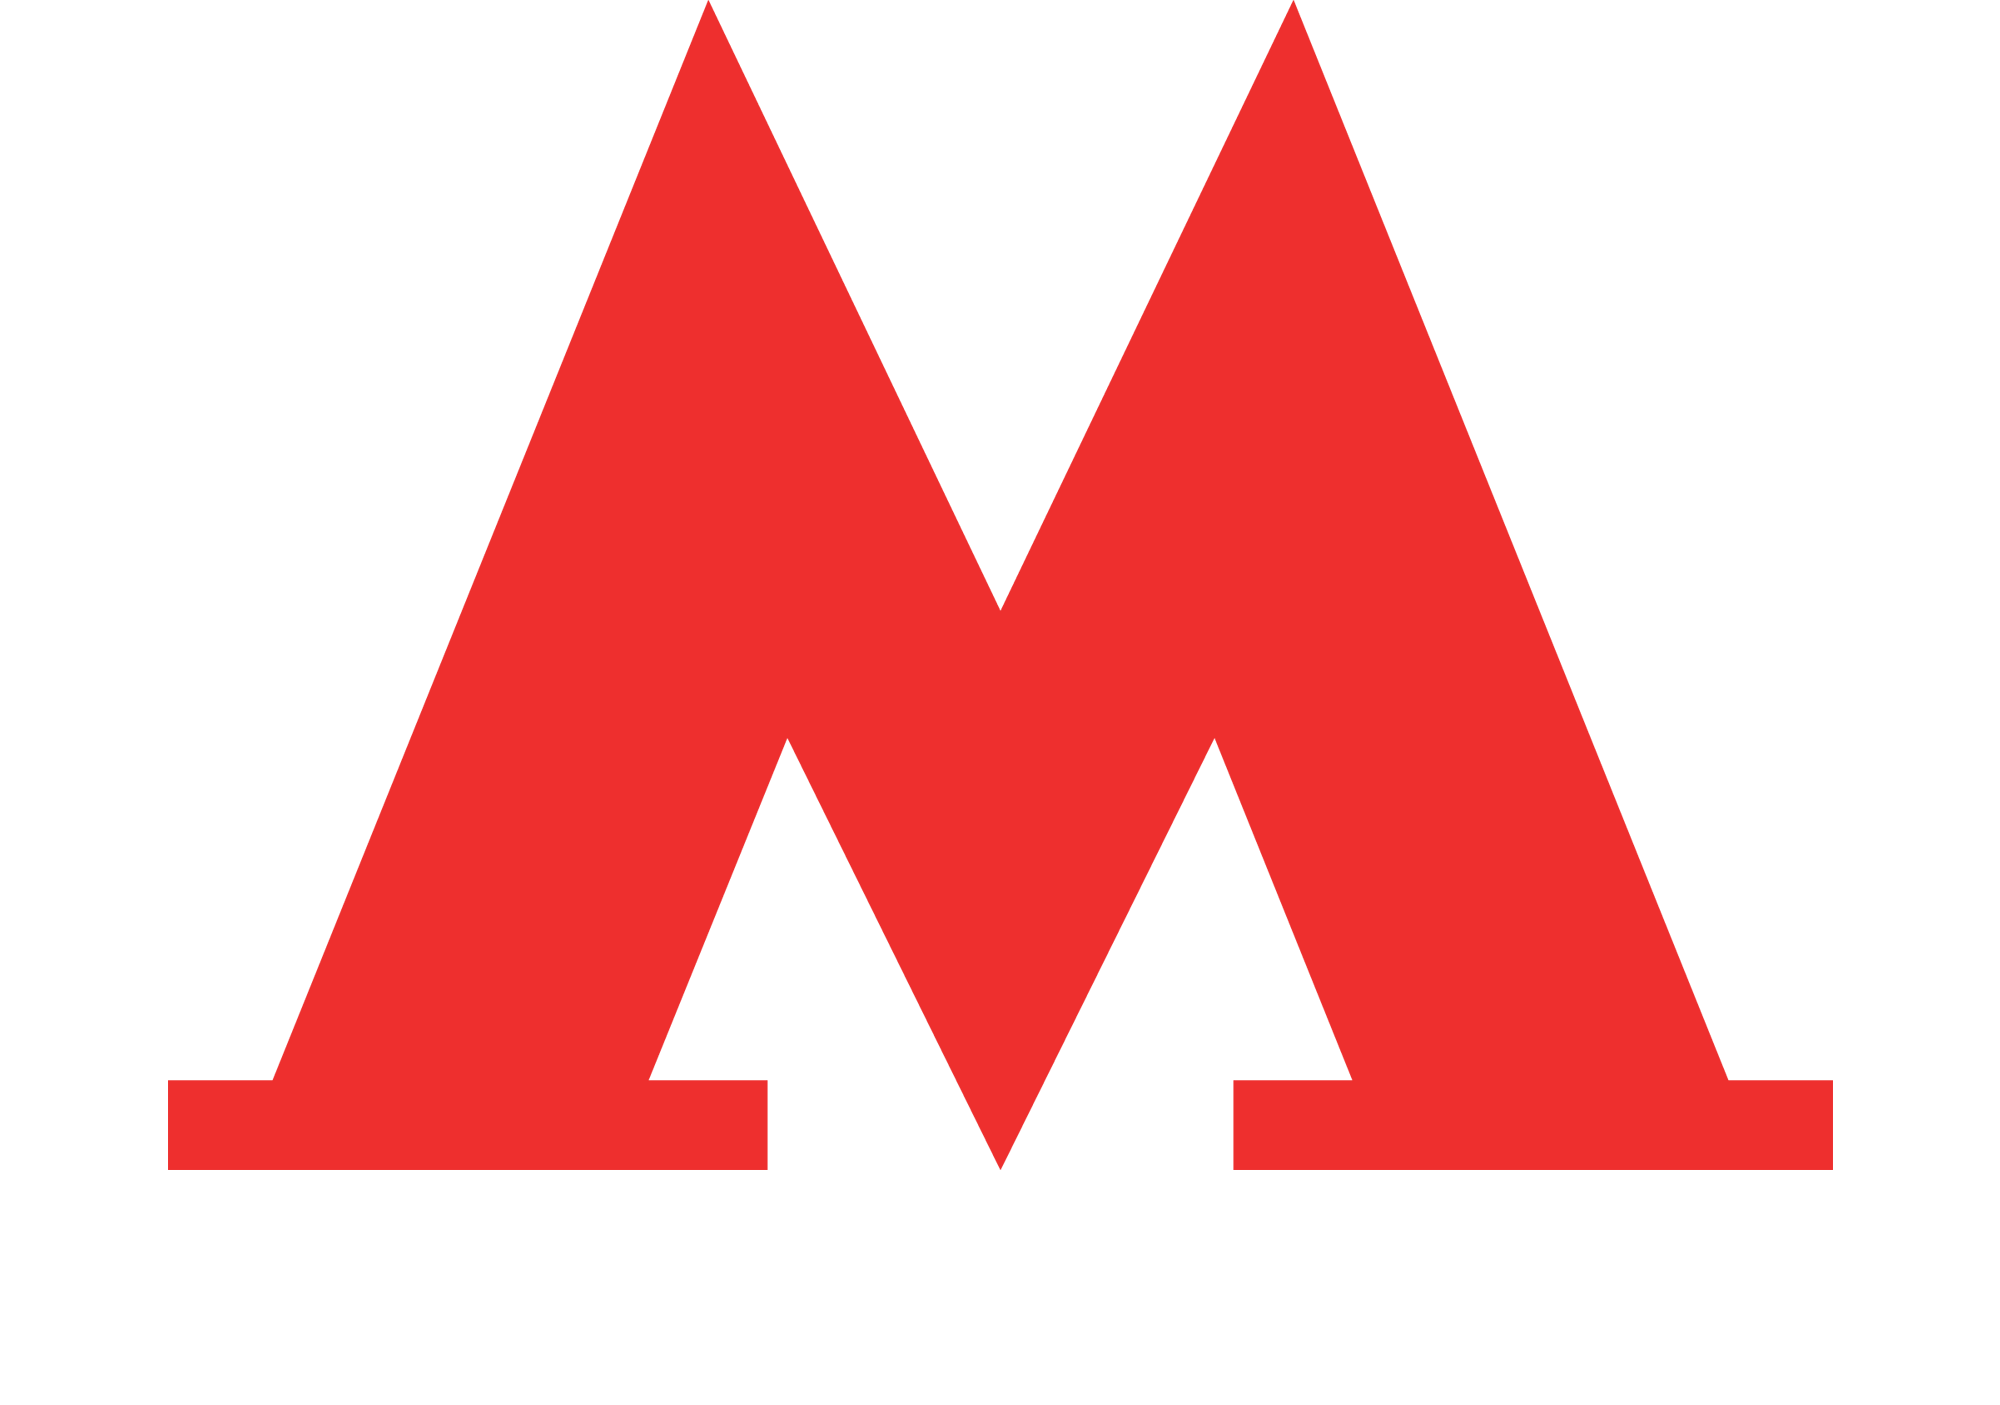 логотип_метро_лебедева_копия.png